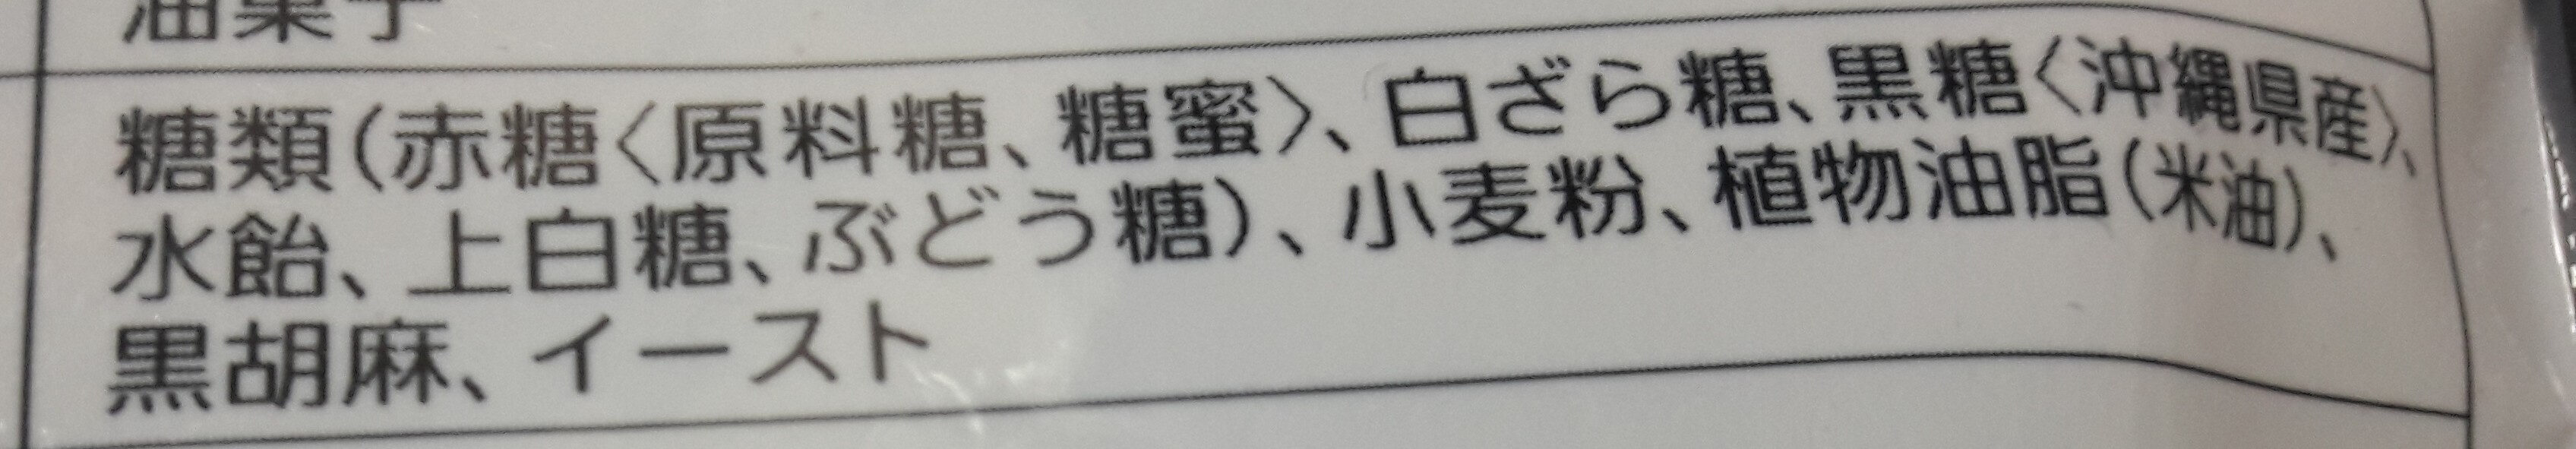 黑かりんとう - 原材料 - ja